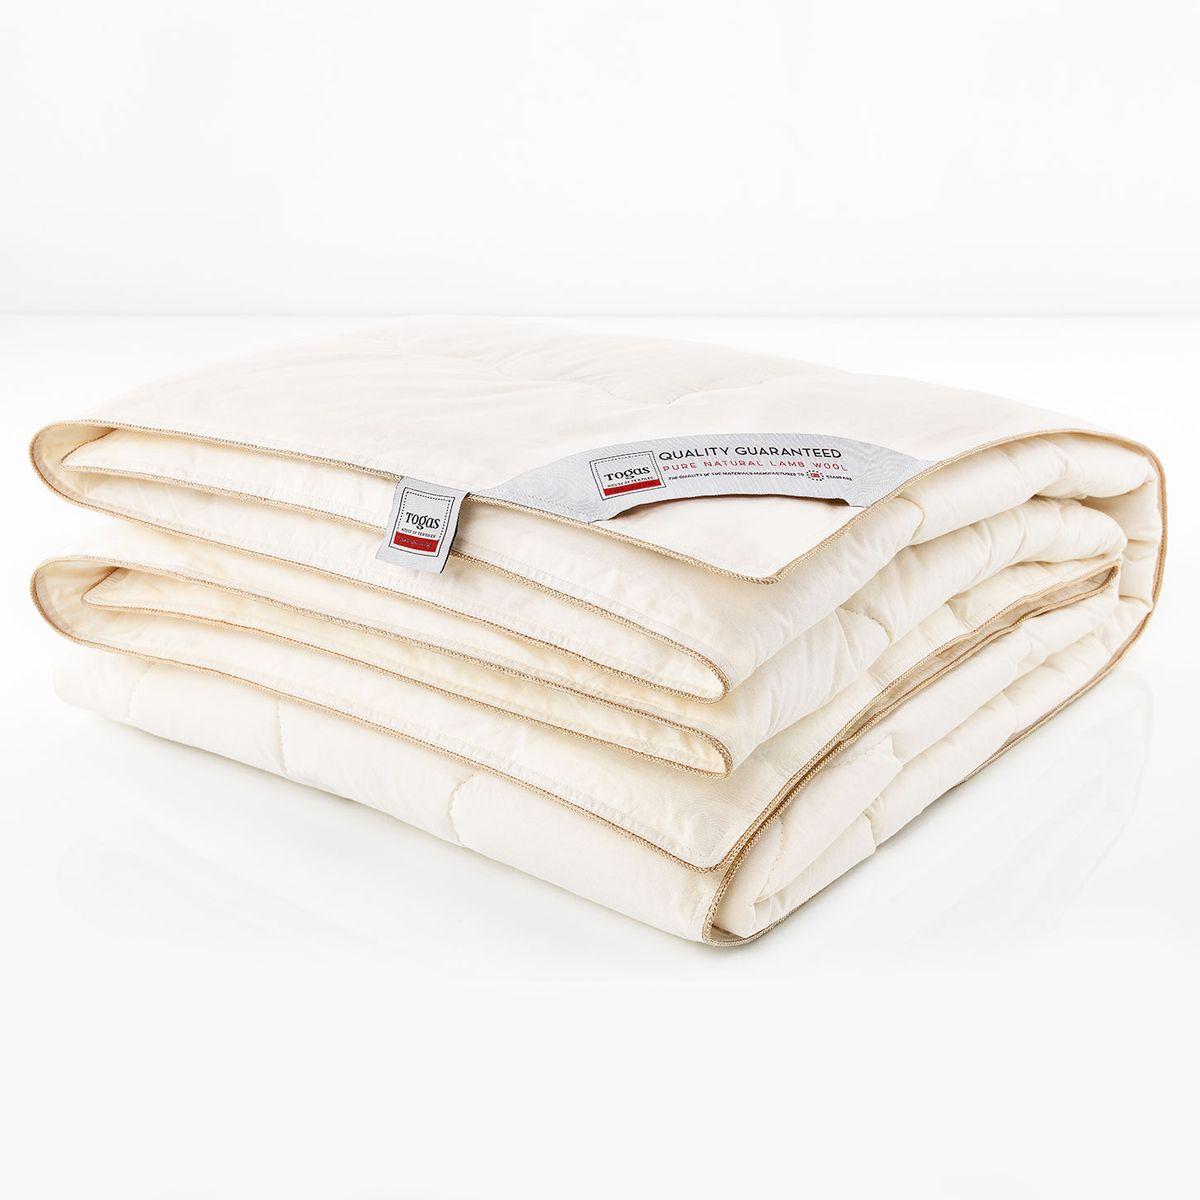 """Одеяло Togas Прима, наполнитель: овечья шерсть, 200 х 210 см10503Овечья шерсть используется для изготовления подушек и одеял с незапамятных времен. Трудно переоценить их драгоценные свойства, рожденные самой природой. Сильный ветер и перепады температур на горных пастбищах, где испокон веков пасутся овцы, способствовали образованию роскошной легкой шубки, которая согревает в самый суровый холод - и отлично вентилирует в жару. Людям удалось создать материалы, аналогичные по своим теплорегулирующим свойствам, - но повторить целебные свойства шерсти не смог еще ни один ученый. Овечья шерсть содержит природное вещество - ланолин. Поэтому одеяла из натуральной шерсти рекомендуют людям, страдающим радикулитом, остеохондрозом и повышенным кровяным давлением. Шерсть способна создавать сухое тепло, которое оказывает благотворное воздействие на суставы. Такие одеяла по-настоящему """"дышат"""": между шерстяными волокнами постоянно циркулирует воздух, который помогает выводить лишнее тепло и влагу, создавая идеальный микроклимат во время сна. Нежное ощущение тепла и комфорта оказывает оздоравливающий, бодрящий эффект, который Вы чувствуете каждое утро. Овечьи одеяла очень износостойки, неприхотливы и просты в уходе, - они прослужат вам долгие годы, не потеряв своей формы и удивительных свойств."""